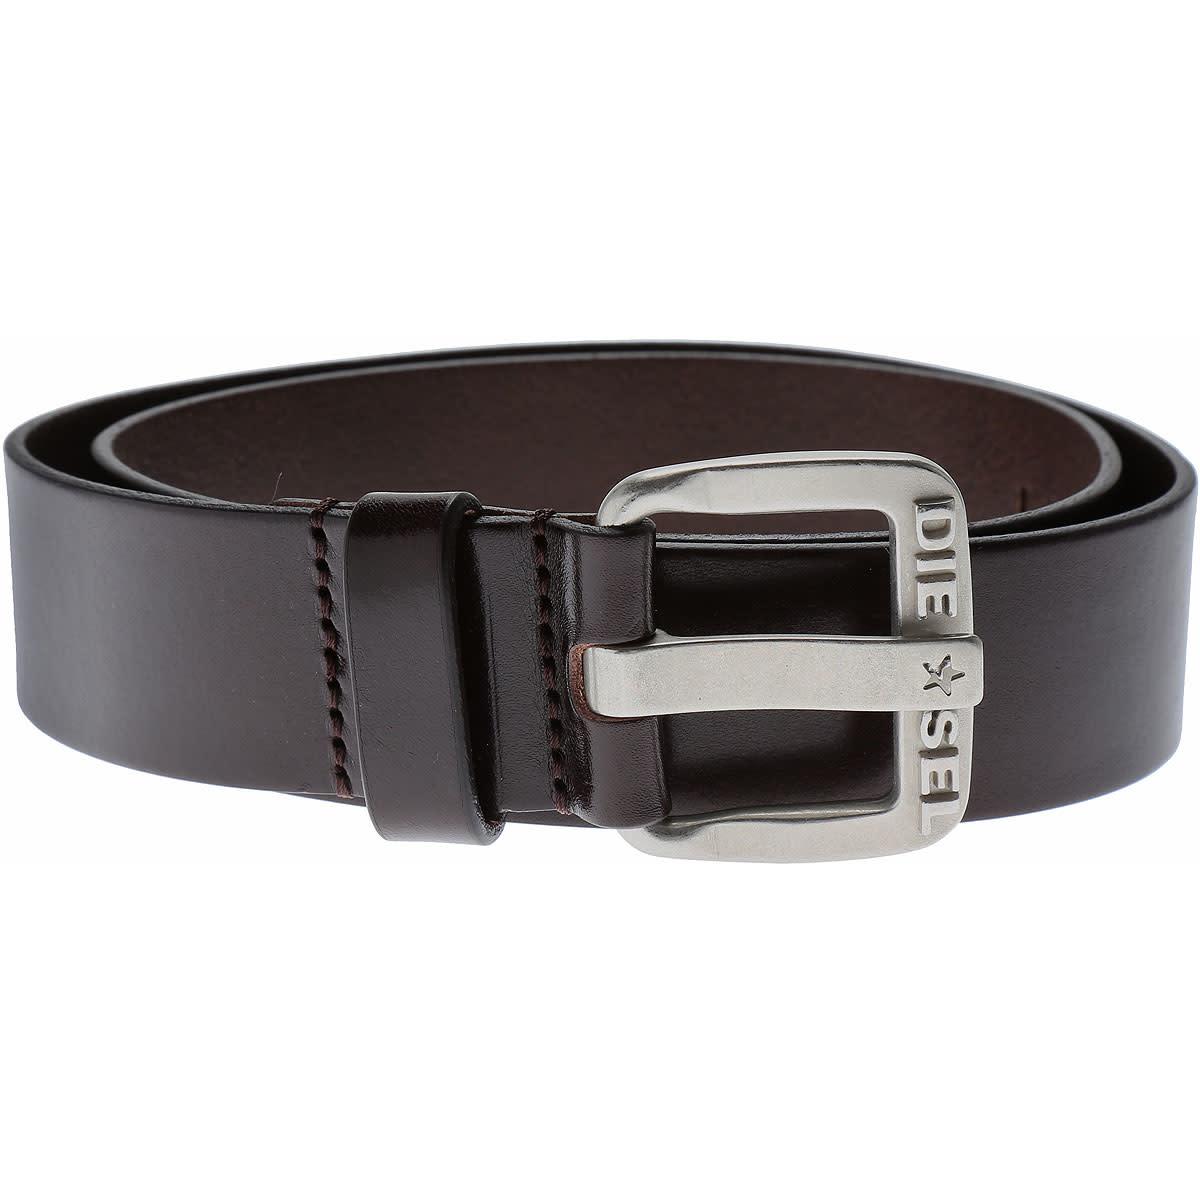 DIESEL Diesel - Men's Belt - X03721